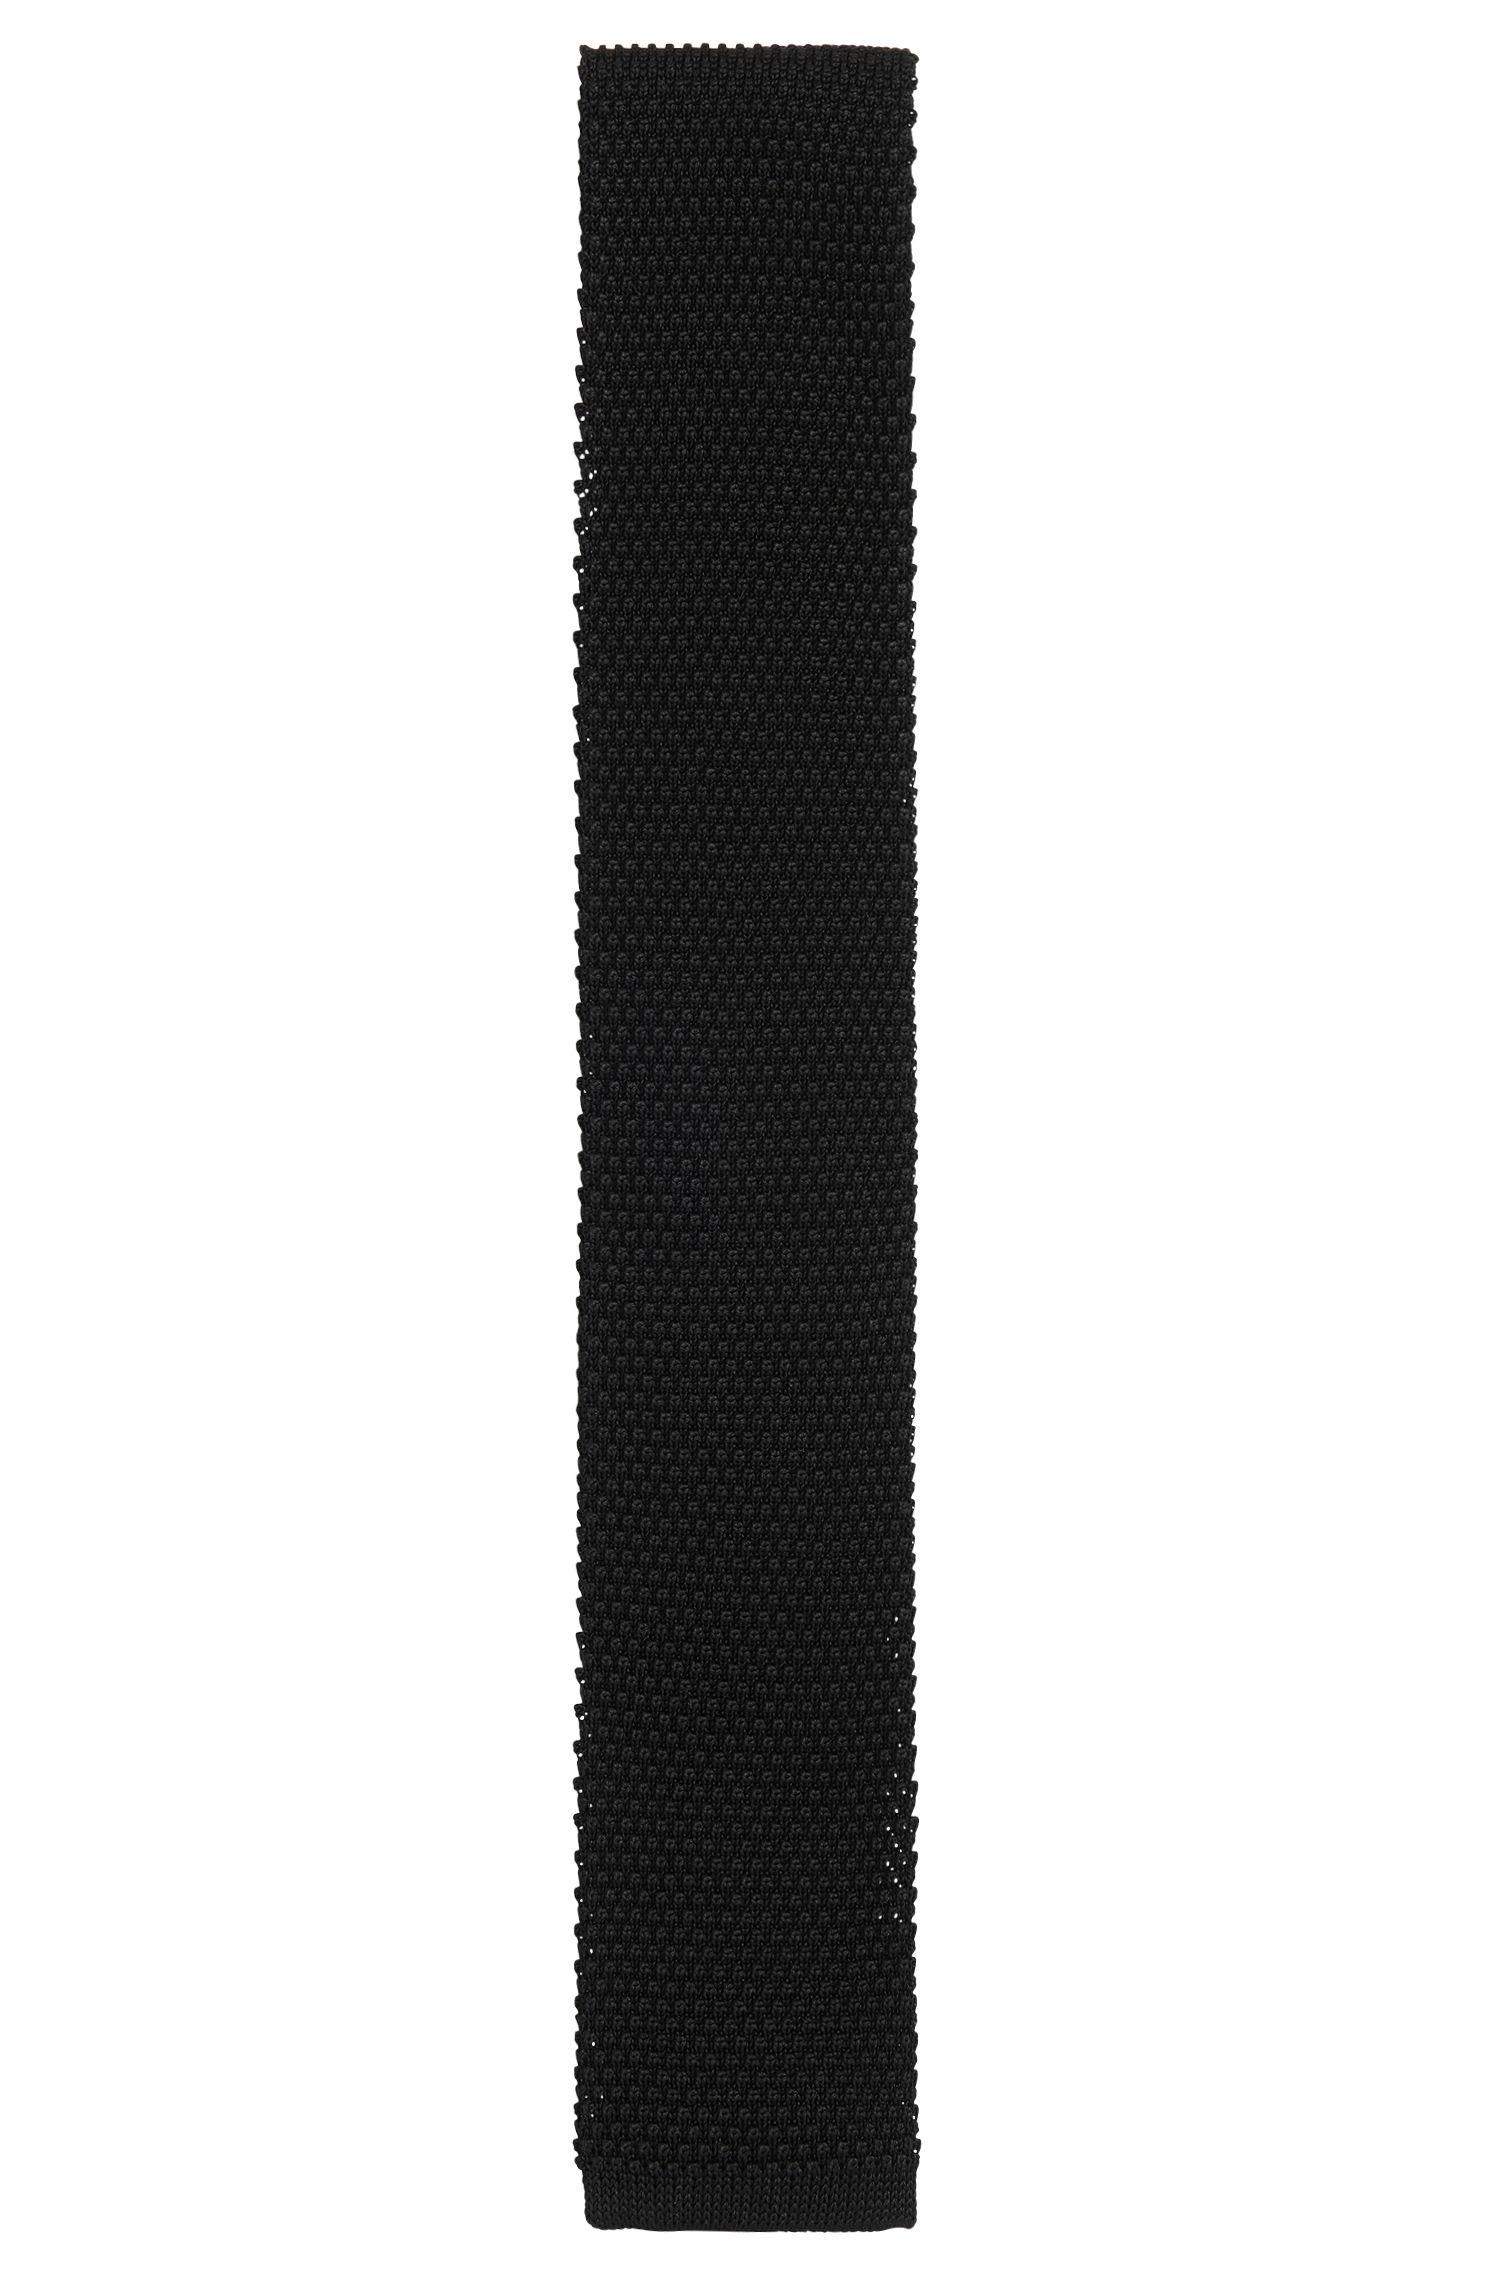 Strukturierte Tailored Krawatte aus reiner Seide: 'T-Tie 6 cm knitted'